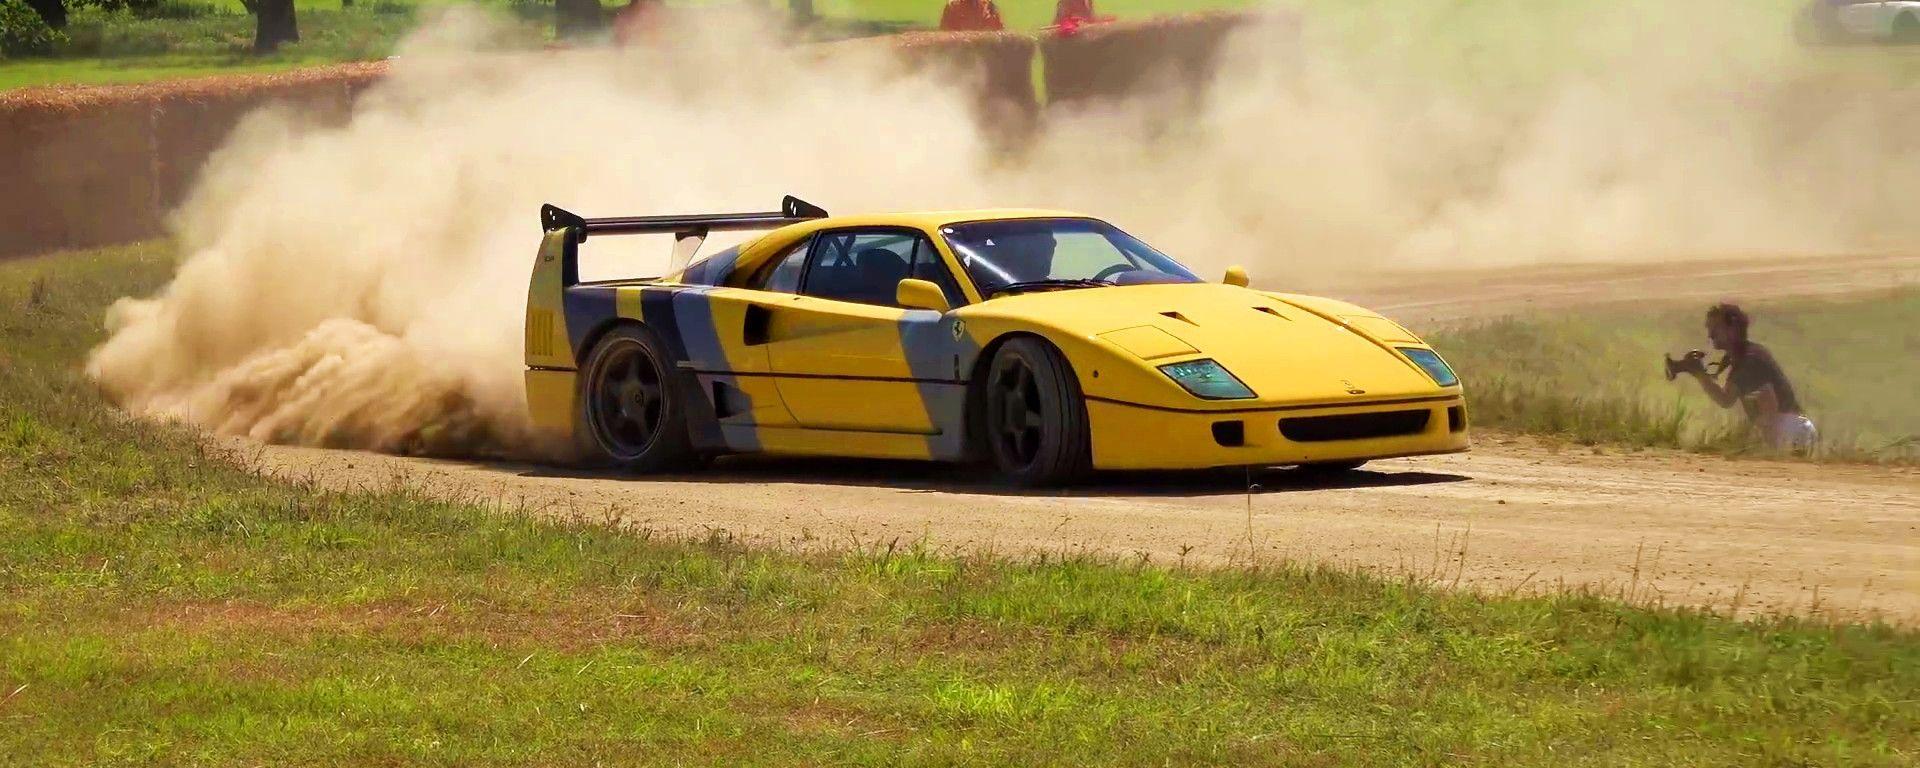 La Ferrari F40 di traverso sullo sterrato nel video di TheTFJJ